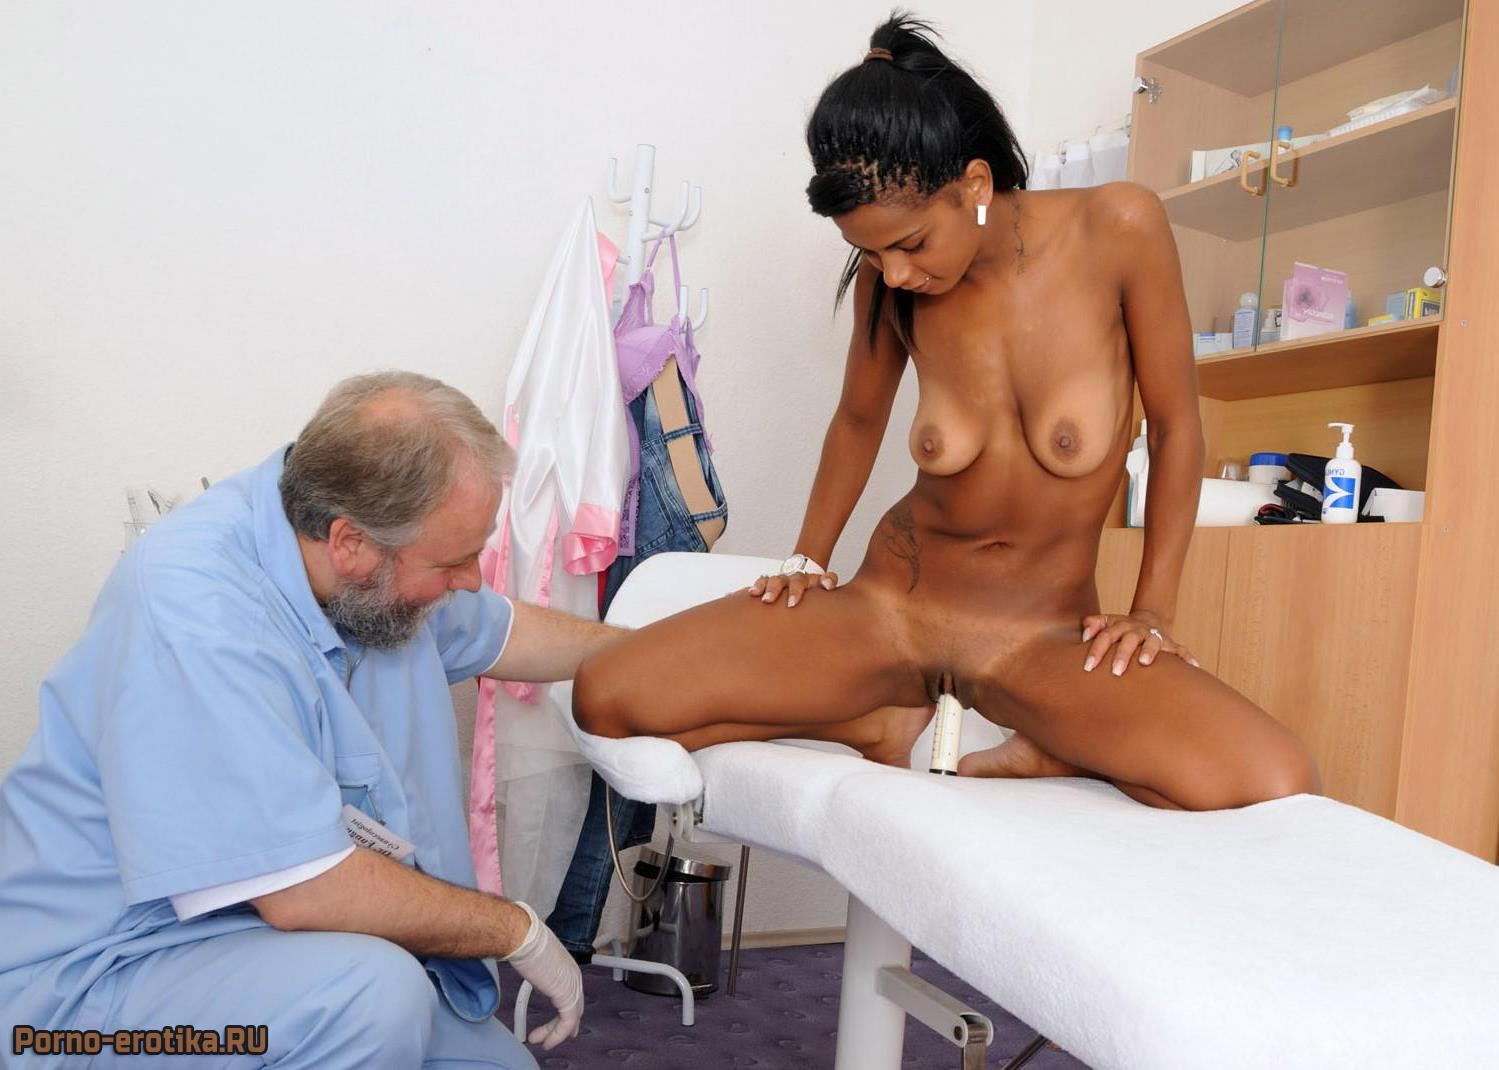 Смотреть порно видео молодая девушка на приеме у гинеколога, анальное порно на пляже с русскими